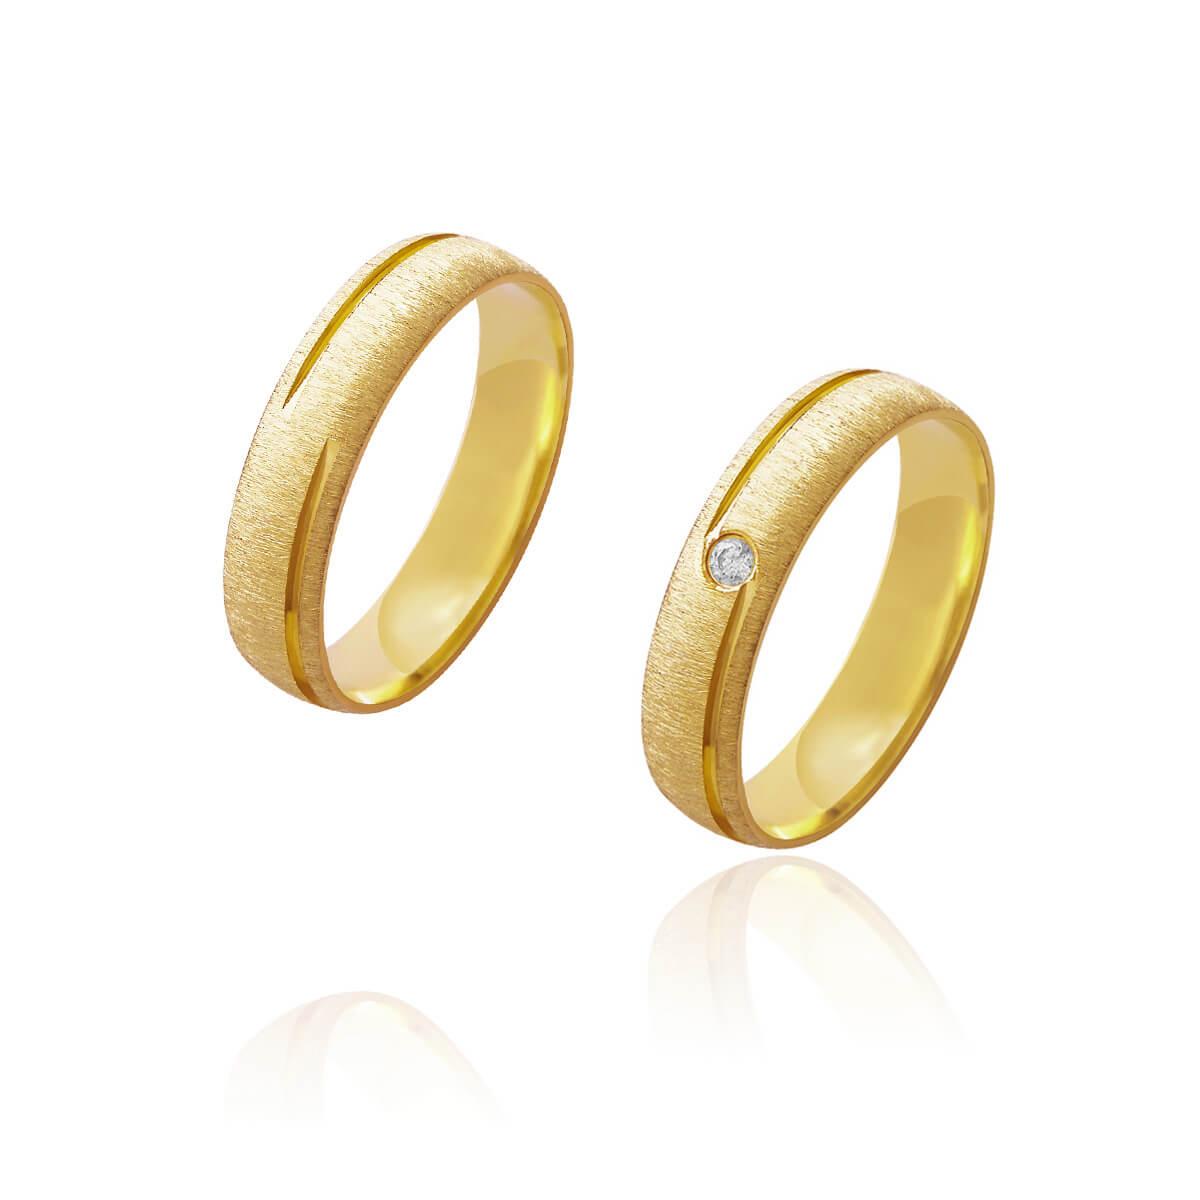 Par de Alianças de Casamento Afrodite Ouro 18k Diamantado com Brilhante Central 5mm 5.5g